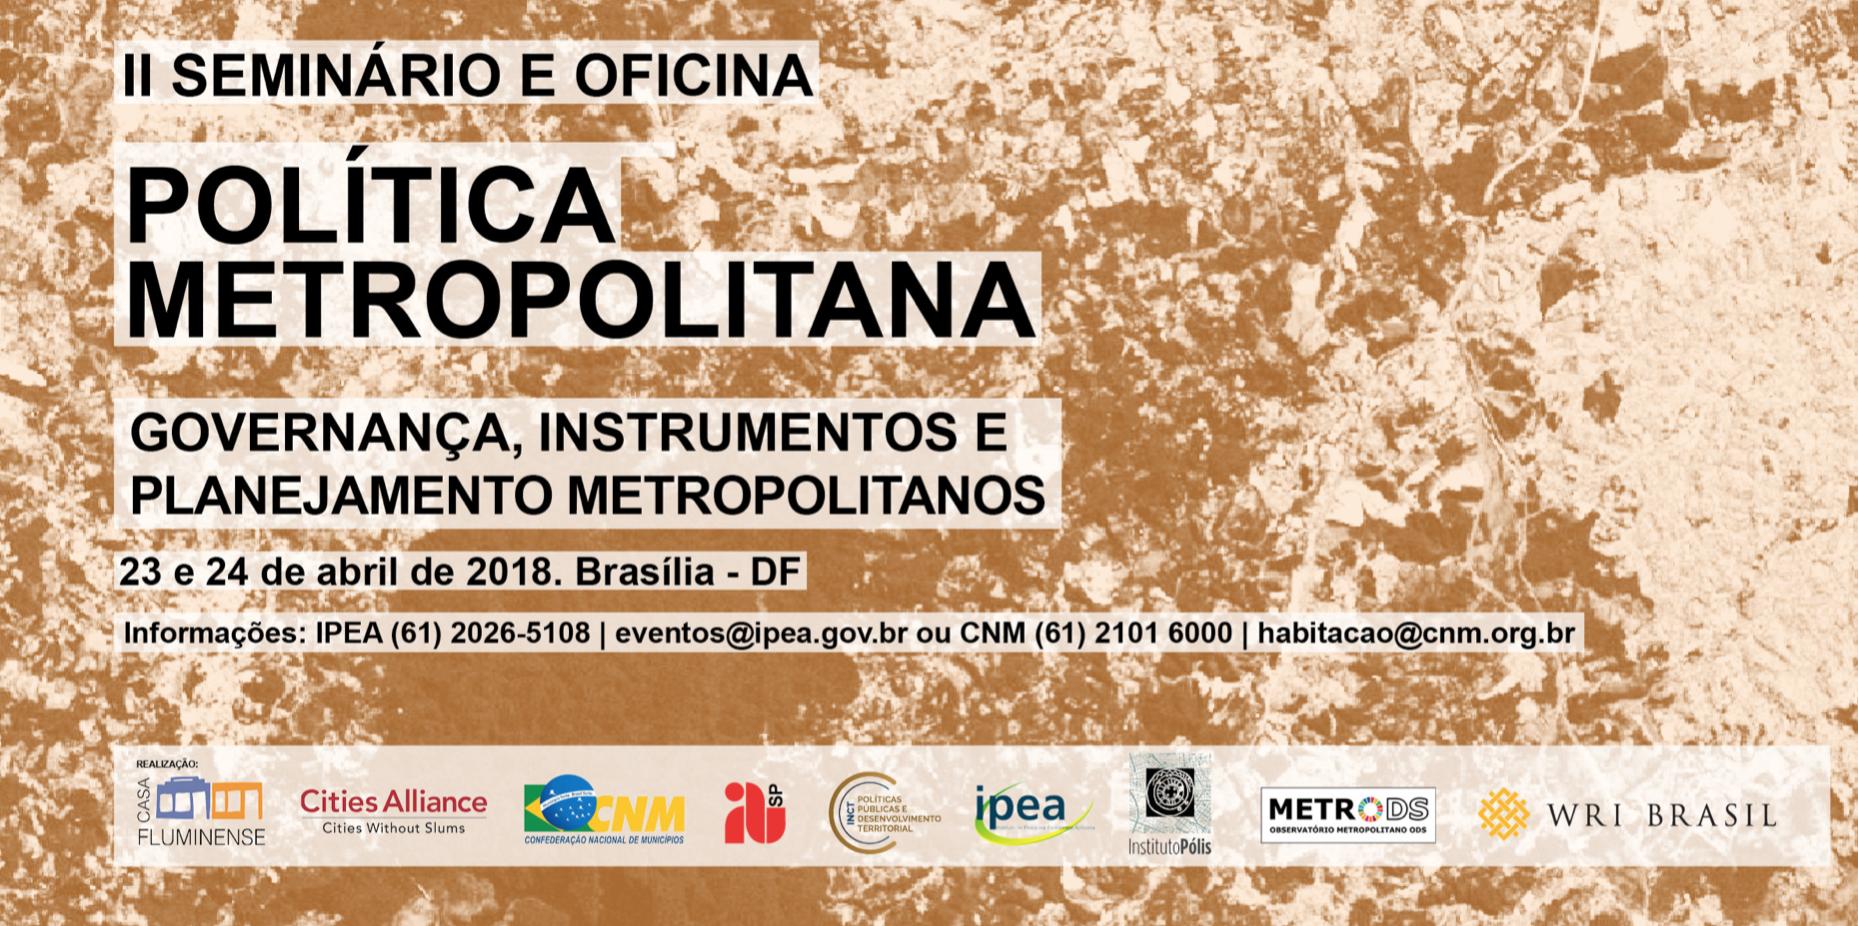 II Seminário Política Metropolitana (IPEA)